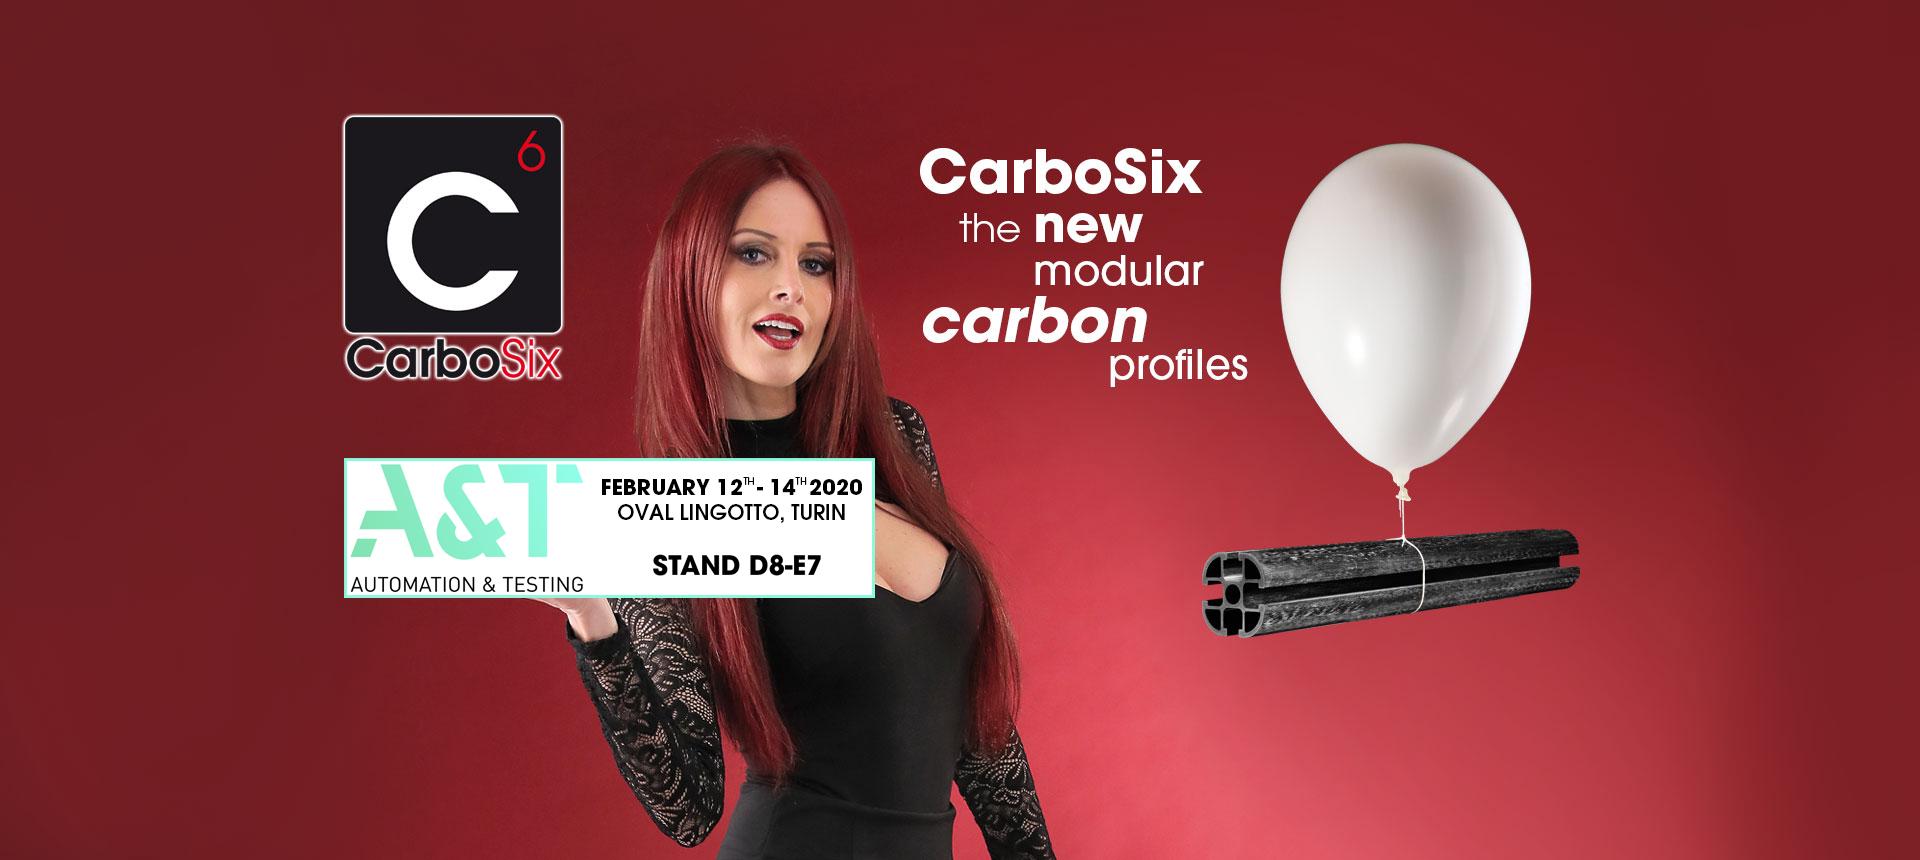 CarboSix A&T 2020